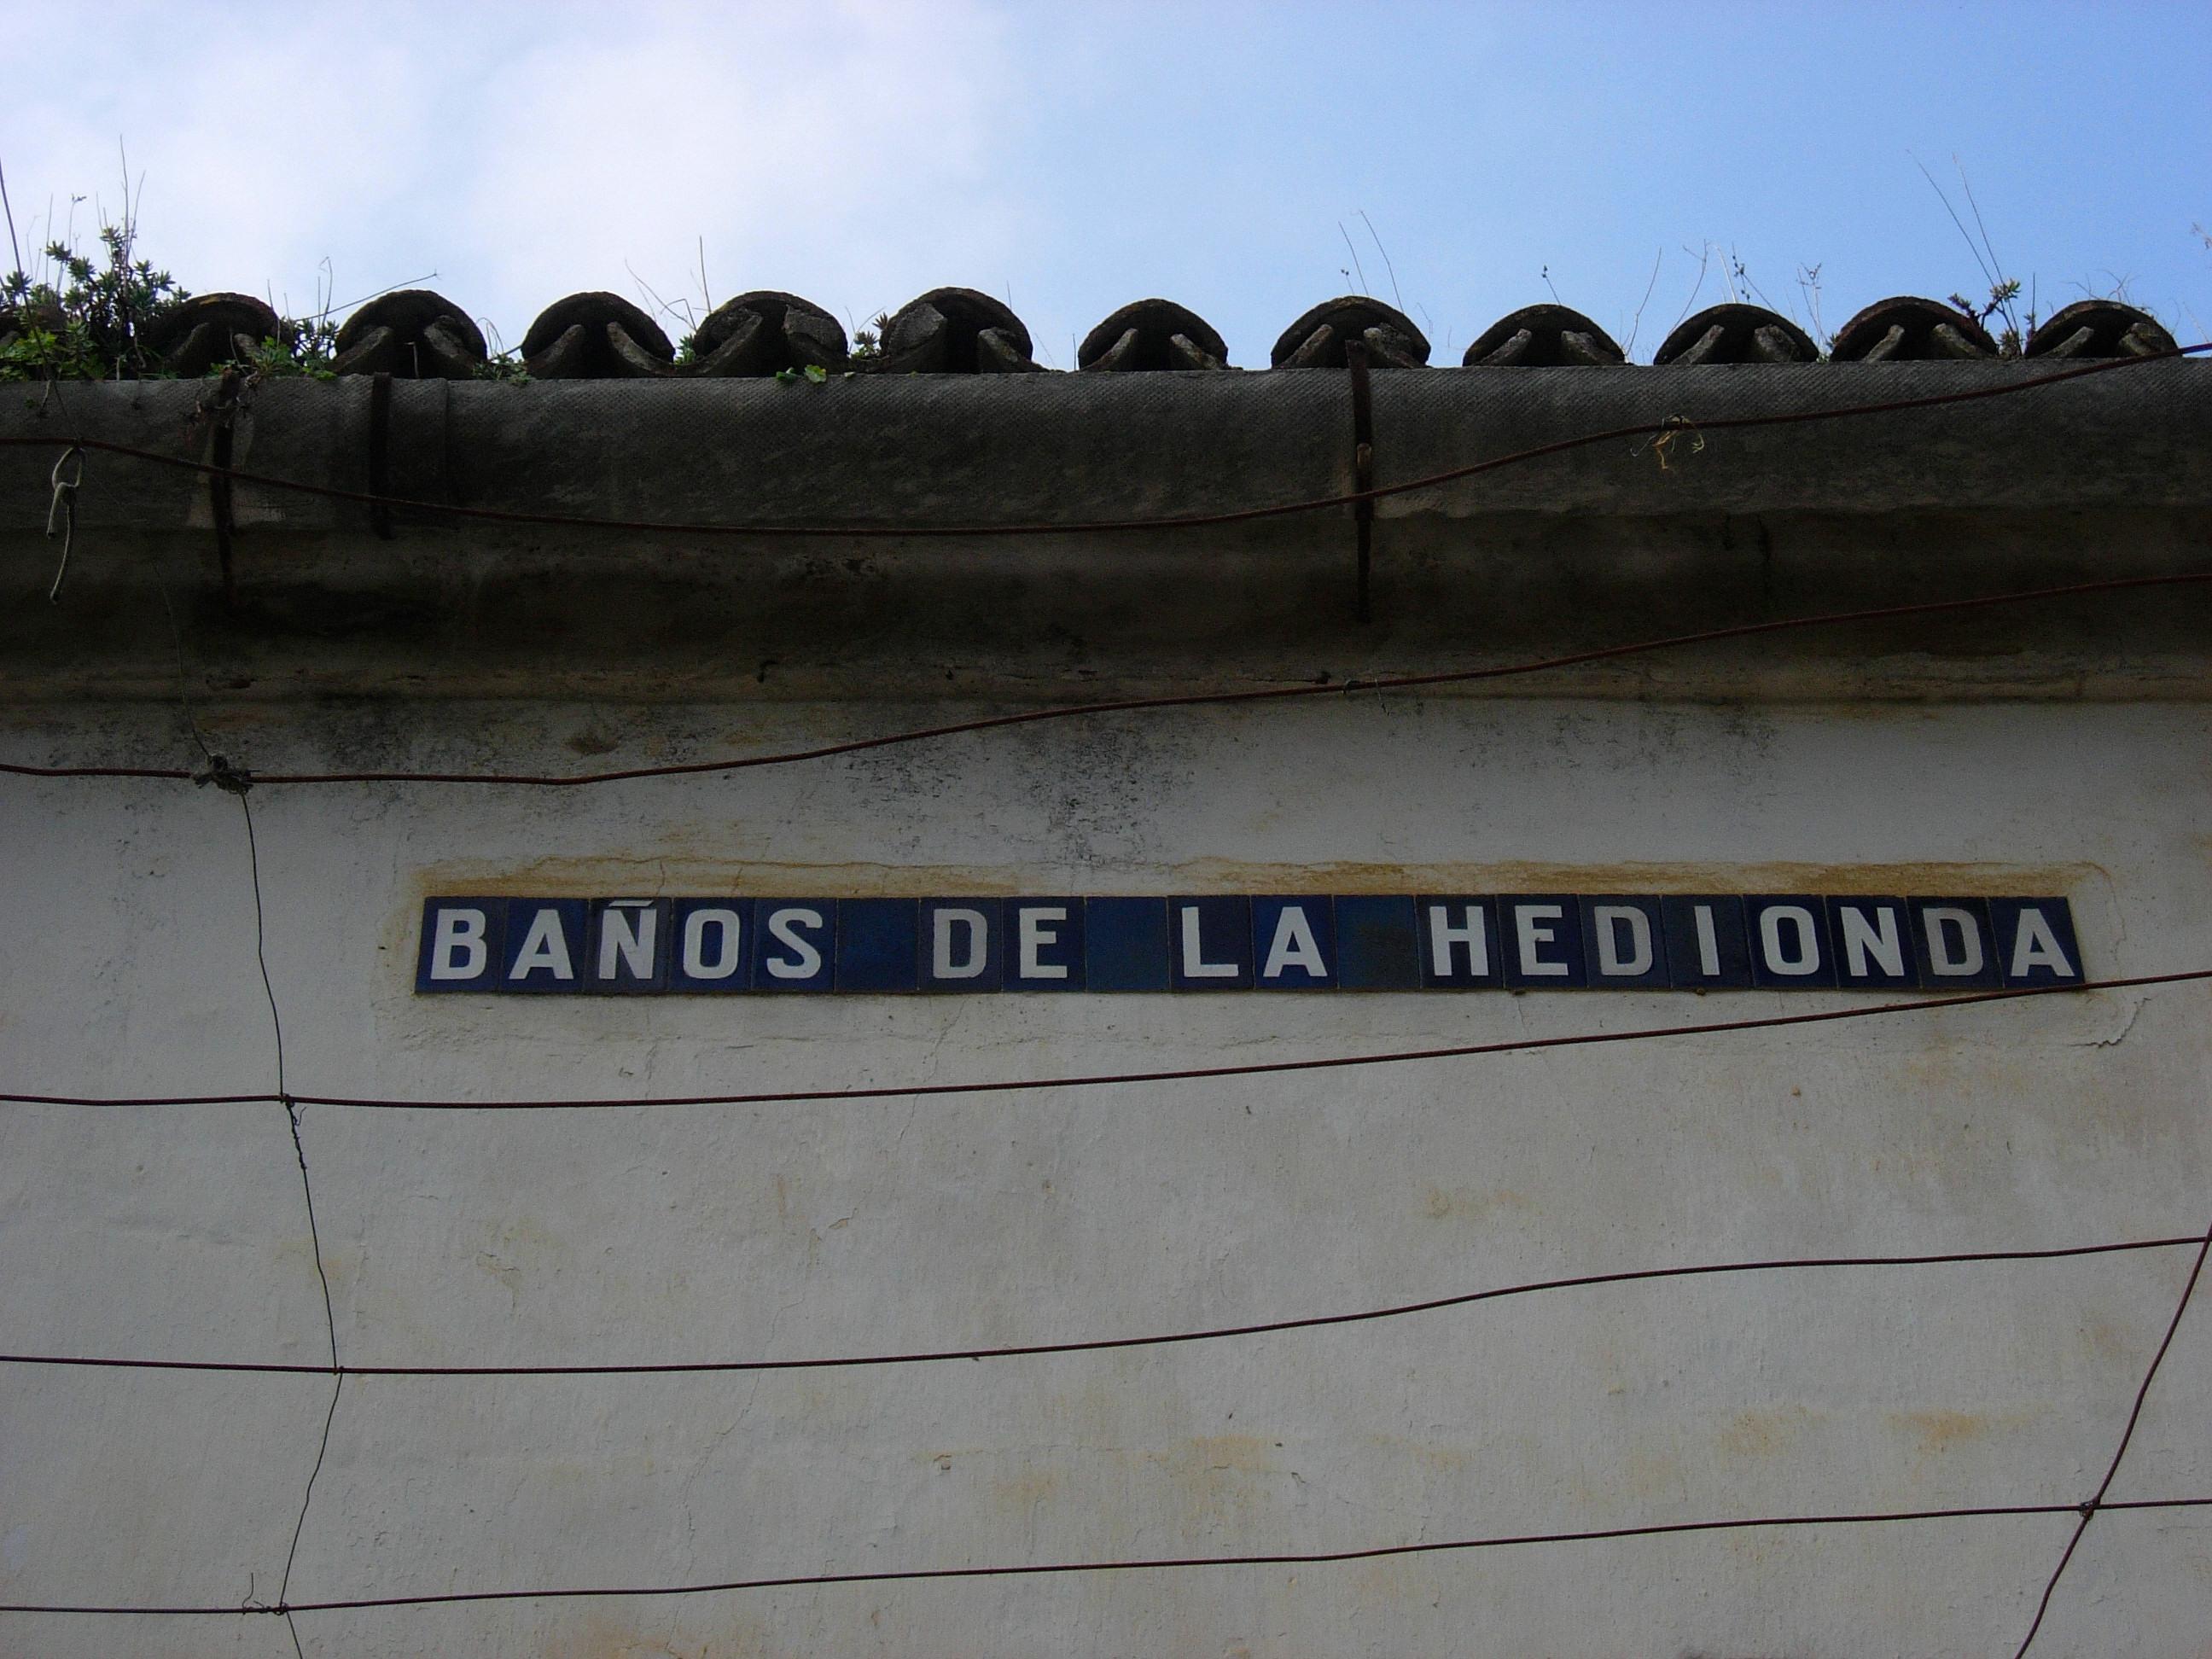 Los Baños Romano La Hedionda:in spanish the area is known as los baños romanos de la hedionda